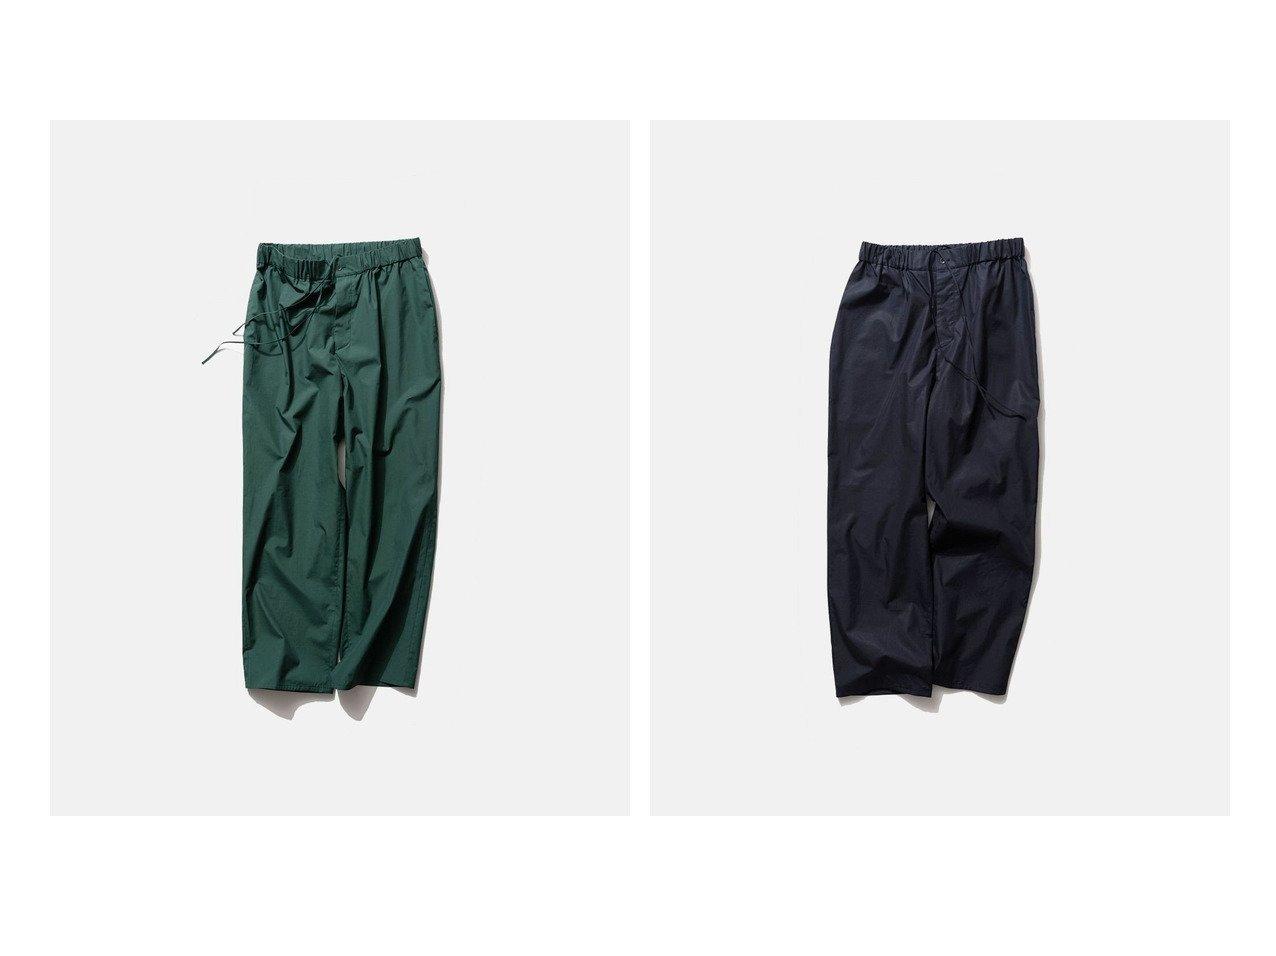 【ATON/エイトン】のSUVIN BROAD パジャマパンツ - UNISEX 【パンツ】おすすめ!人気トレンド・レディースファッション通販 おすすめで人気の流行・トレンド、ファッションの通販商品 インテリア・家具・メンズファッション・キッズファッション・レディースファッション・服の通販 founy(ファニー) https://founy.com/ ファッション Fashion レディースファッション WOMEN パンツ Pants 送料無料 Free Shipping UNISEX インド ドローコード パジャマ ブロード |ID:crp329100000052499